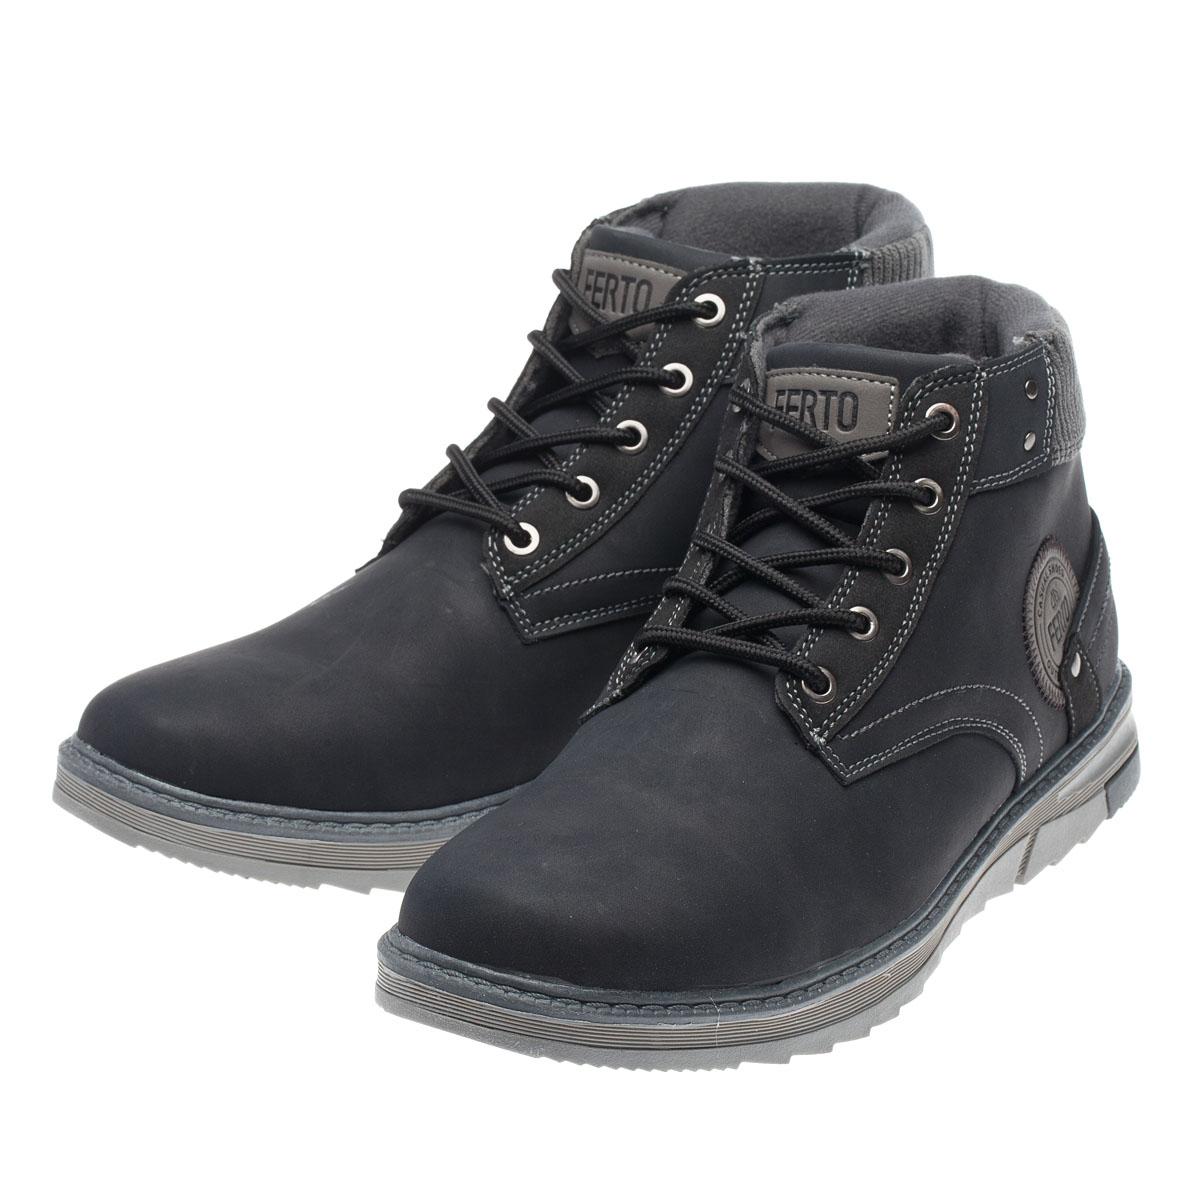 Фото - Ботинки демисезонные FERTO, HY-003 ботинки демисезонные ferto skl 008